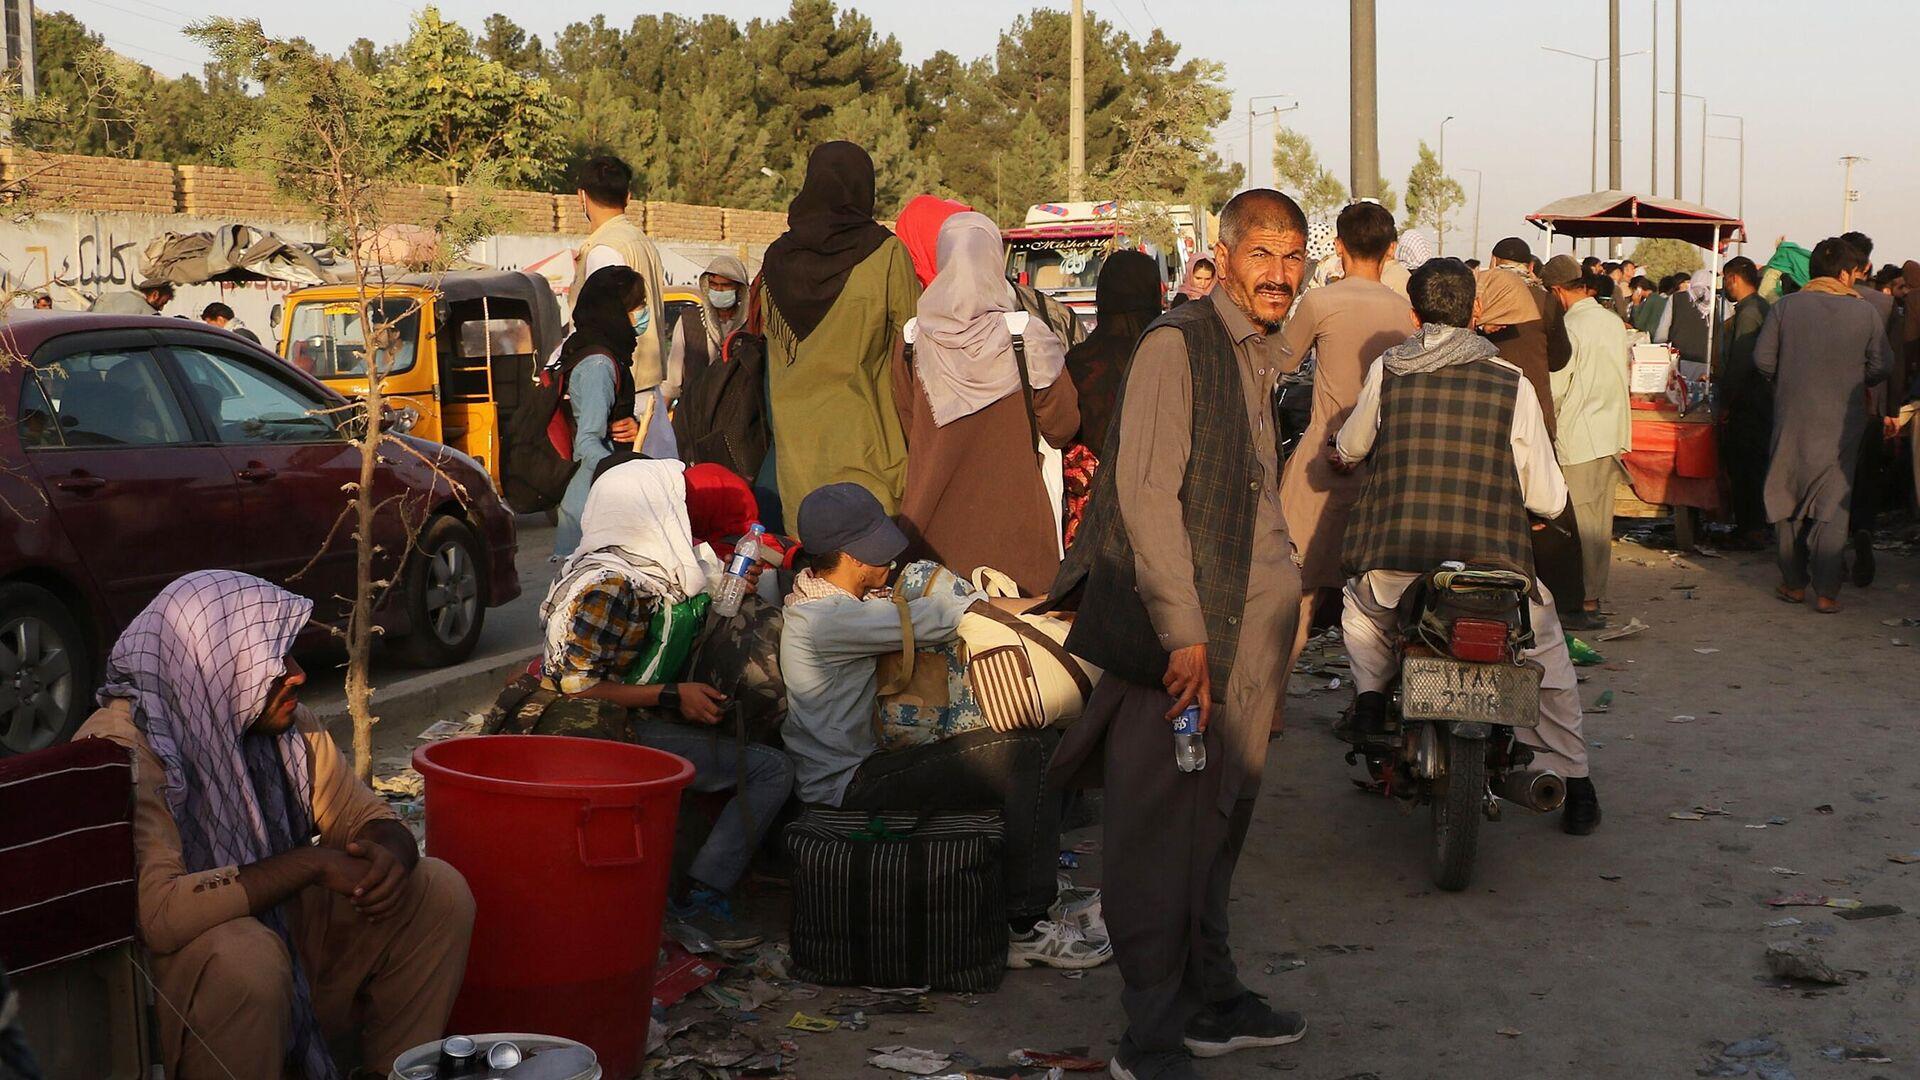 Люди возле международного аэропорта имени Хамида Карзая в Кабуле - РИА Новости, 1920, 13.09.2021